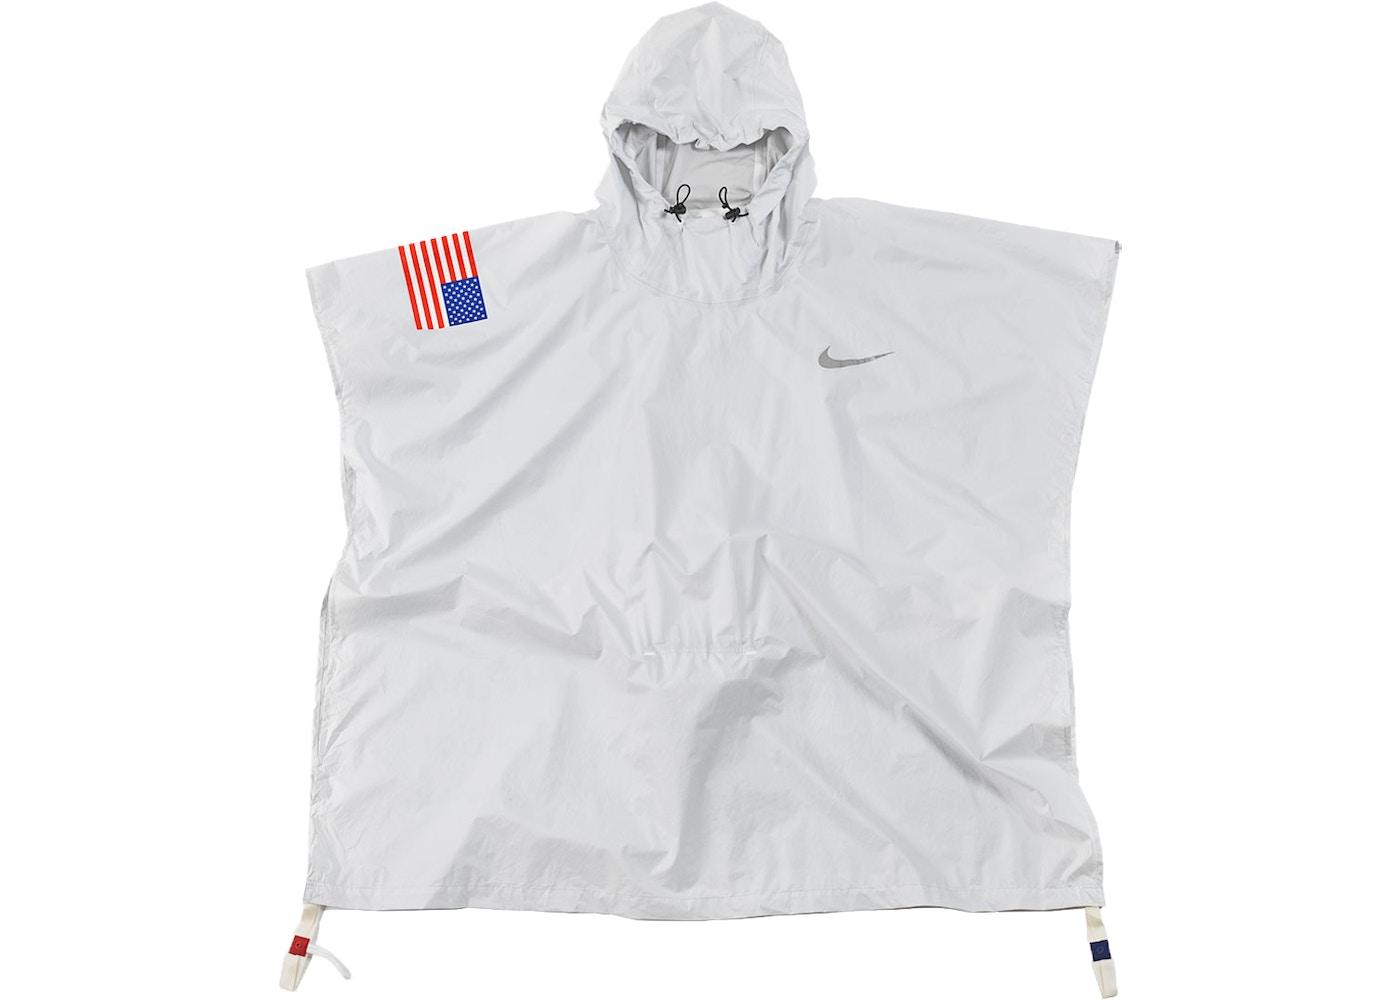 precio loco profesional de venta caliente unos dias Nike x Tom Sachs Exploding Poncho White - SS19